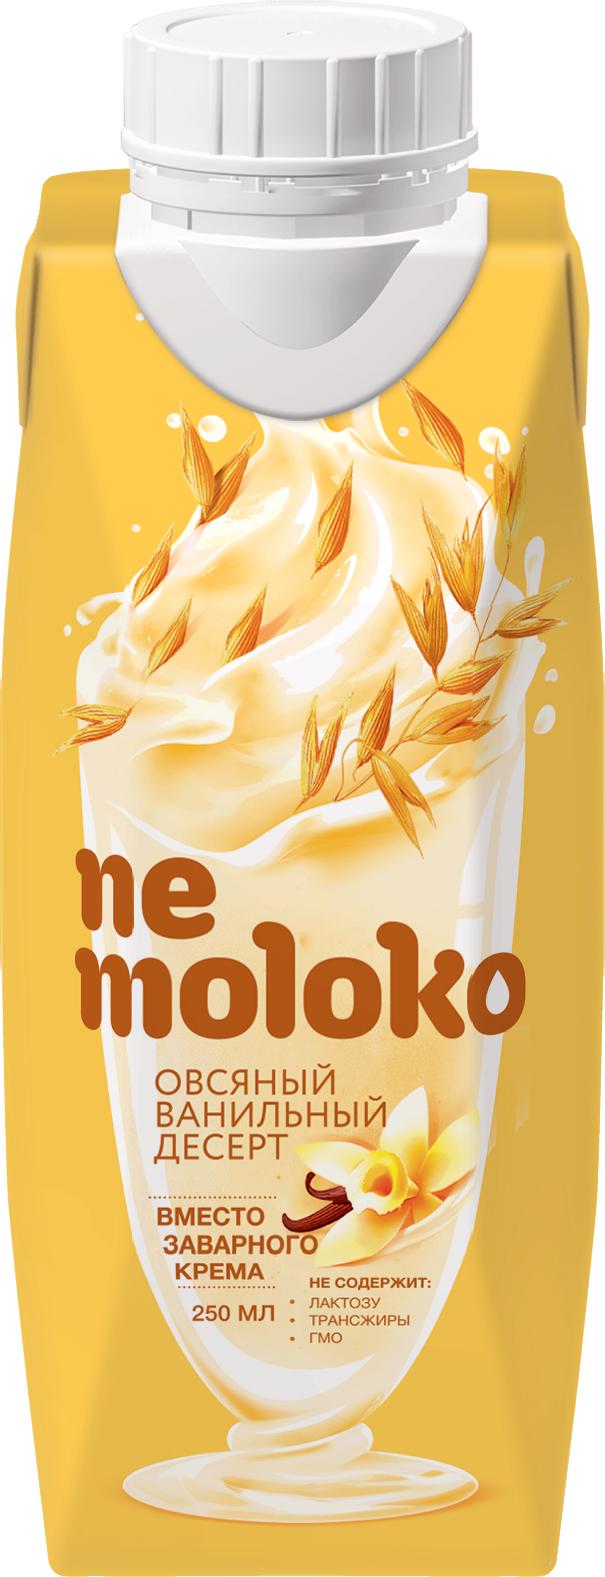 Nemoloko десерт овсяный ванильный, обогащенный бета-каратином, 10%, 0,25 л21402504Альтернативный молочный продукт. Натуральный, 100% растительный продукт на основе овса. Полностью из российского сырья. Богатый белком, пищевыми волокнами, углеводами, макро- и микроэлементами. Имеет высокую пищевую и энергетическую ценность сопоставимую с молоком.